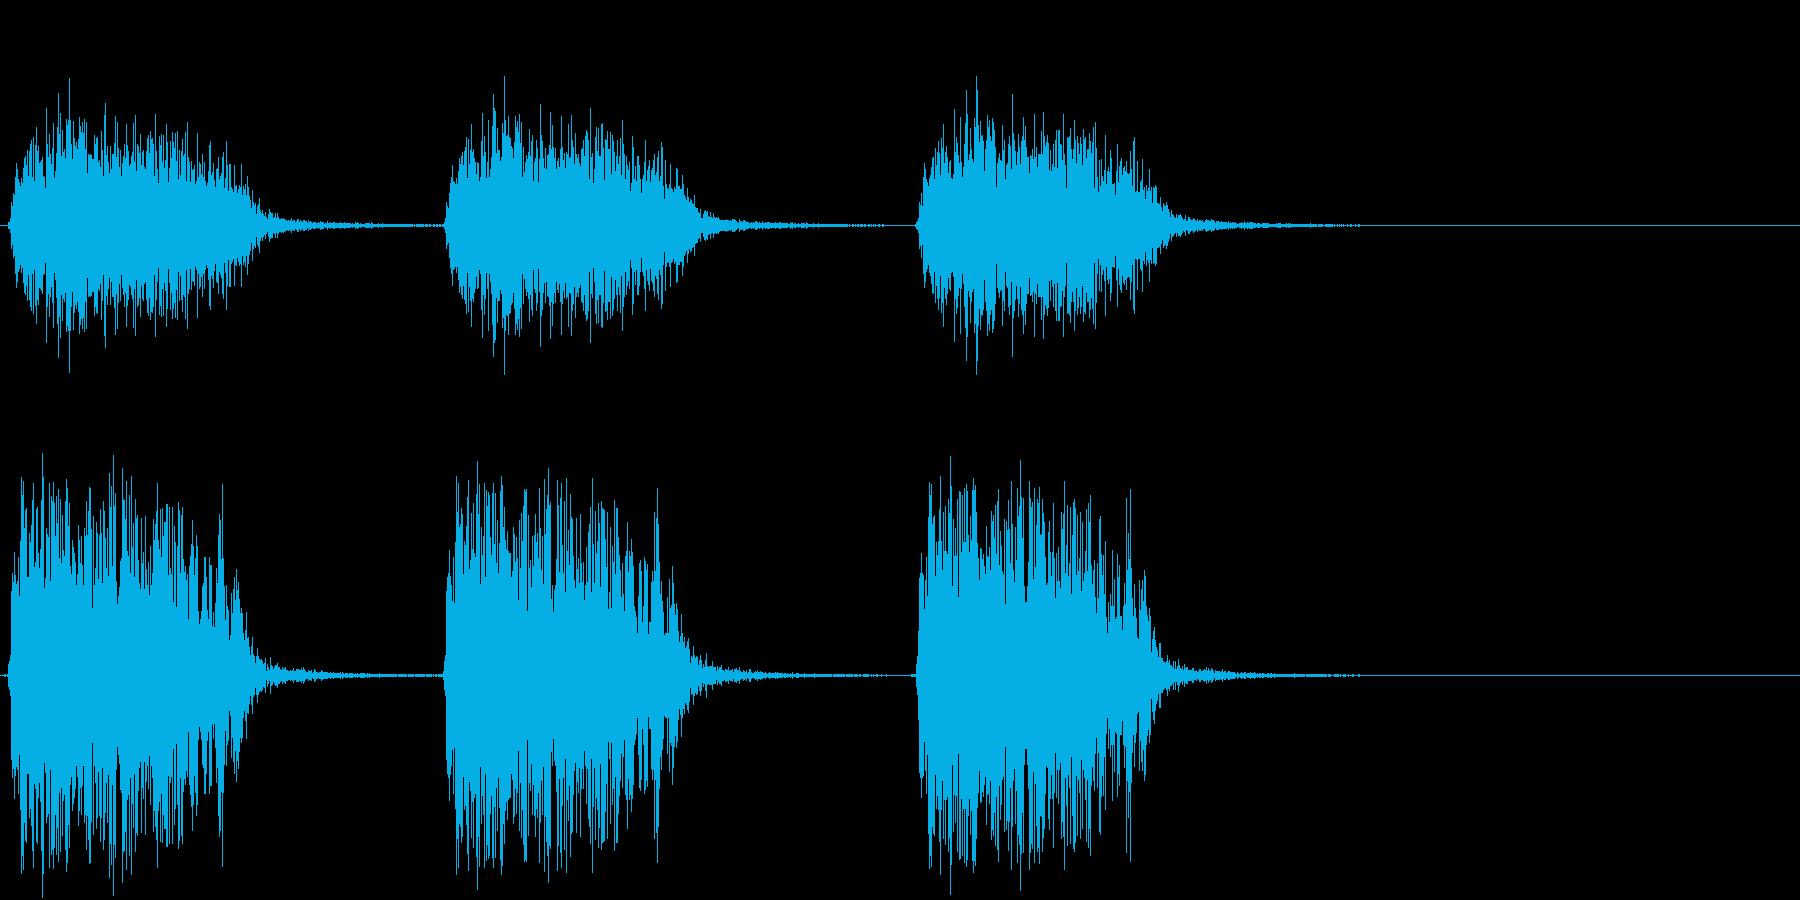 【生録音】カラスの鳴く音1 カーカーカーの再生済みの波形